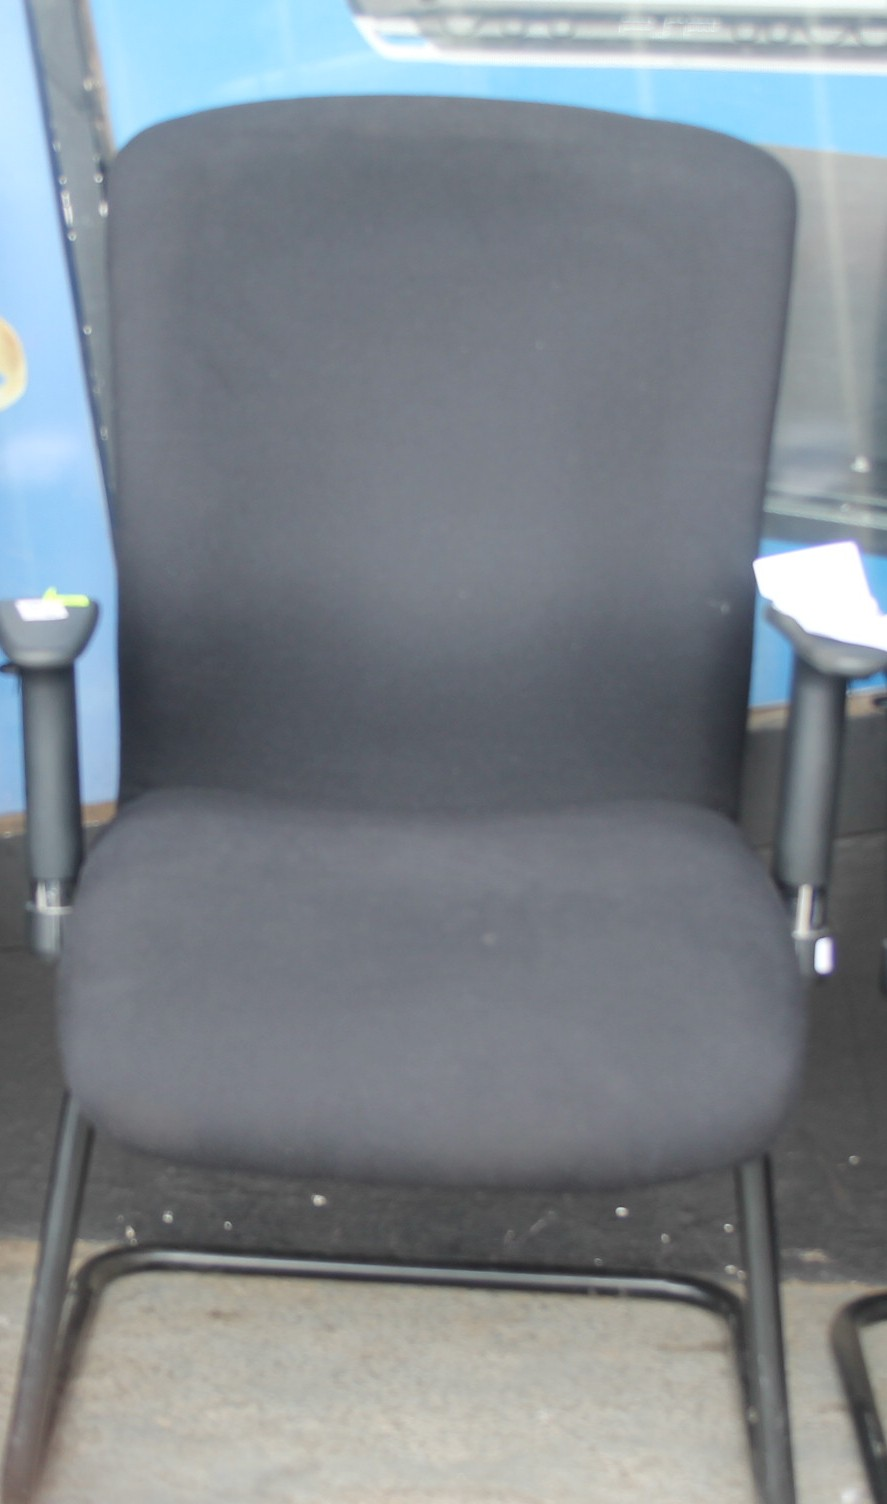 Black office chair S02212b #Rosettenvillepawnshop